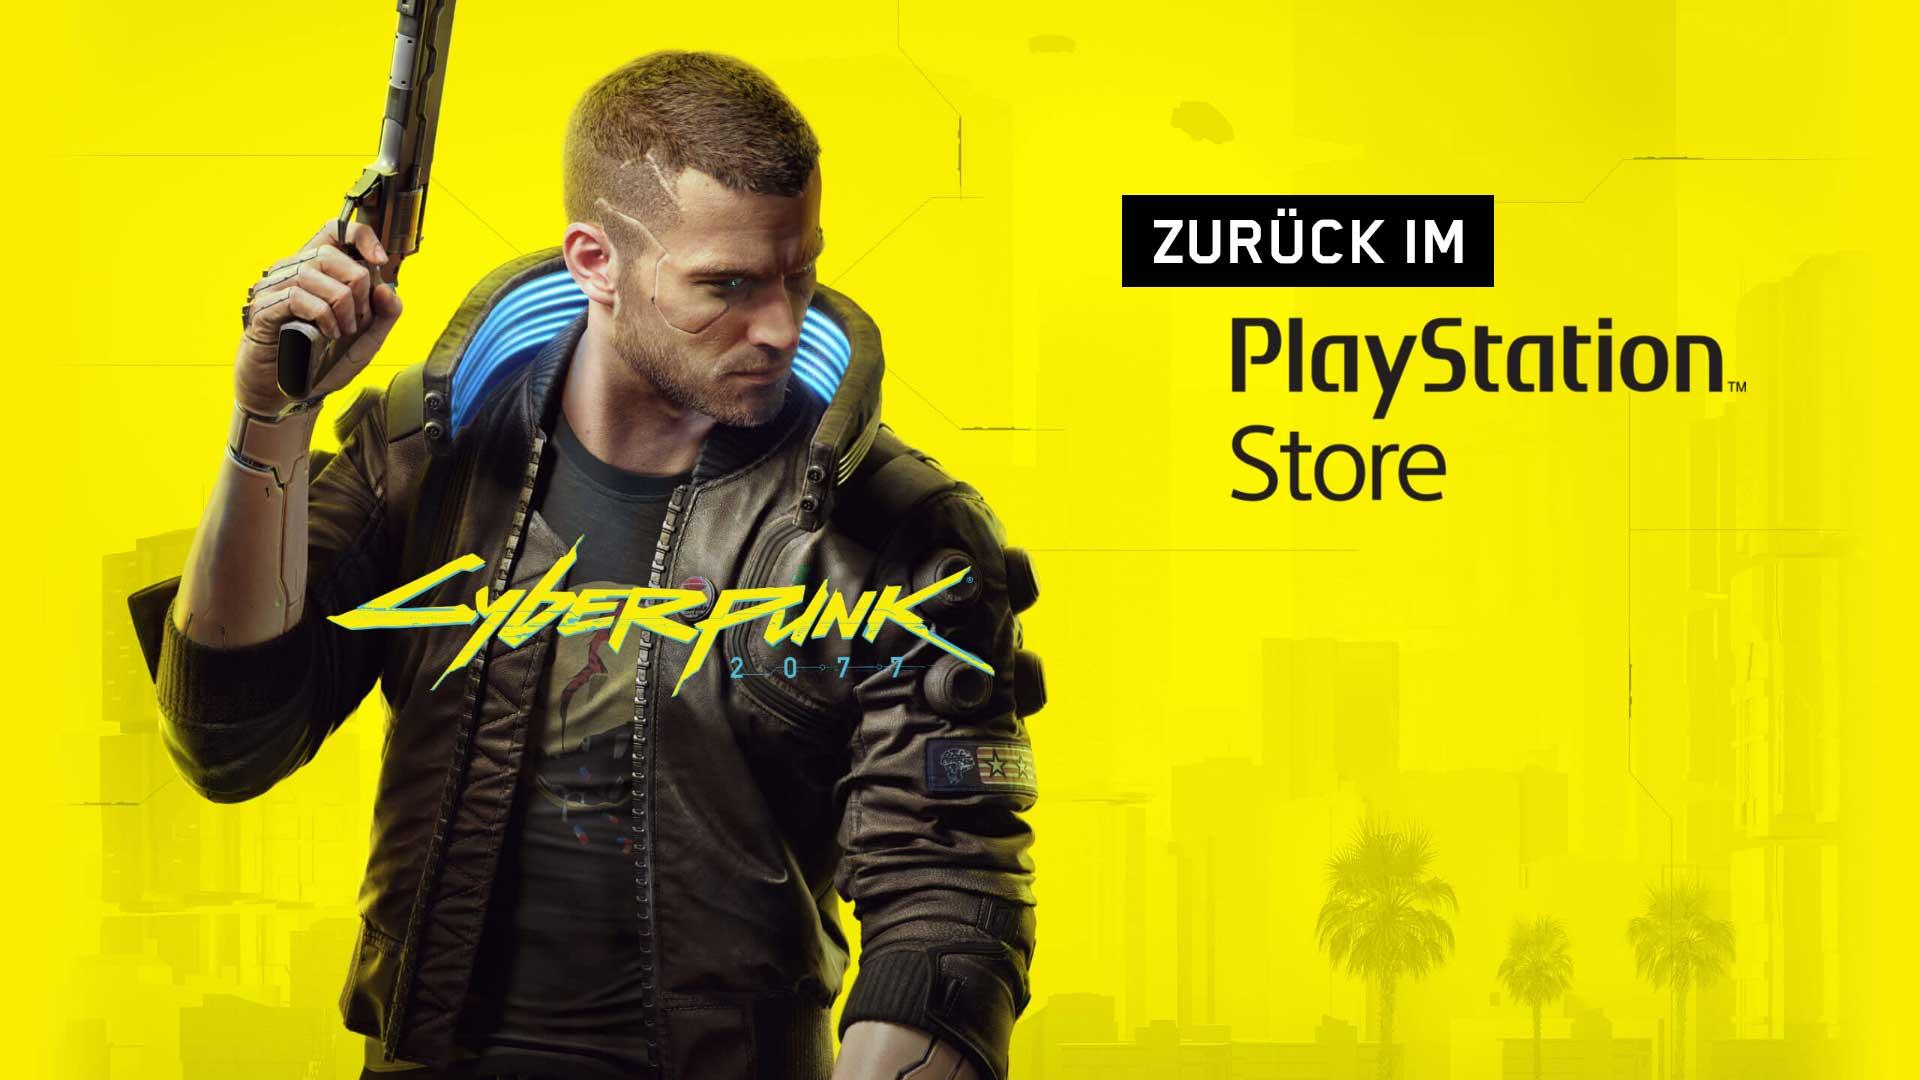 cyberpunk 2077 playstation re release